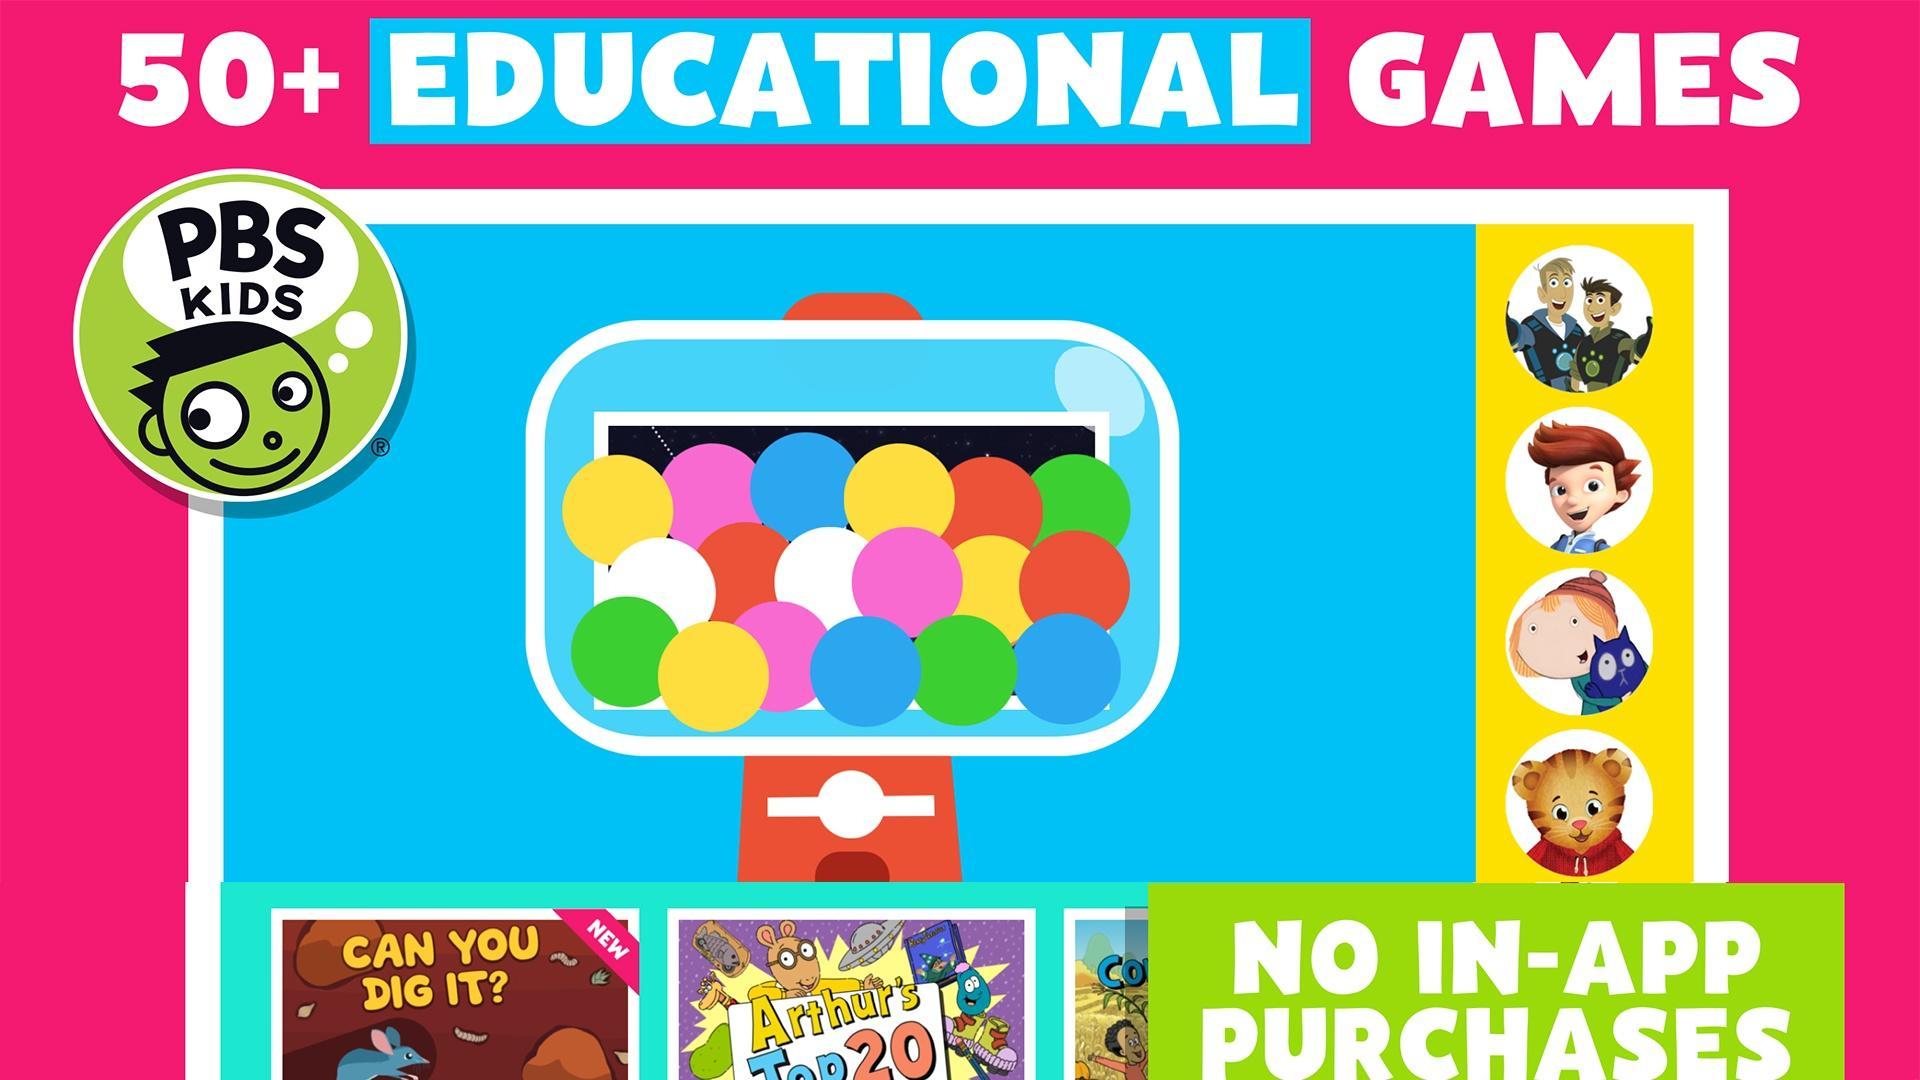 PBS KIDS Games App